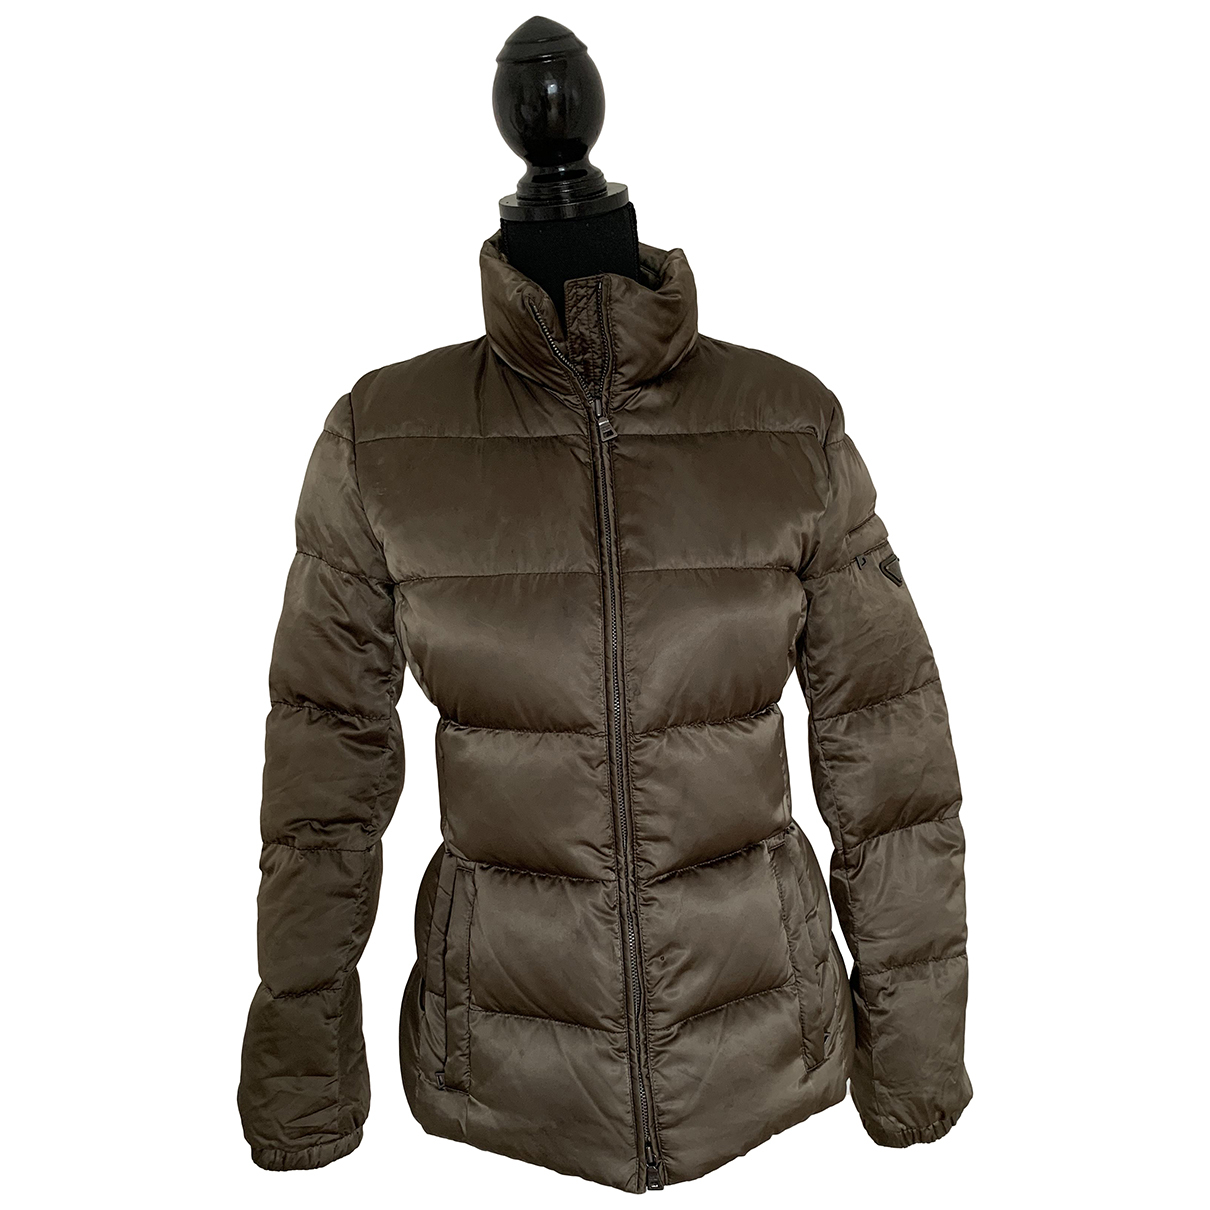 Prada \N Khaki coat for Women 40 IT